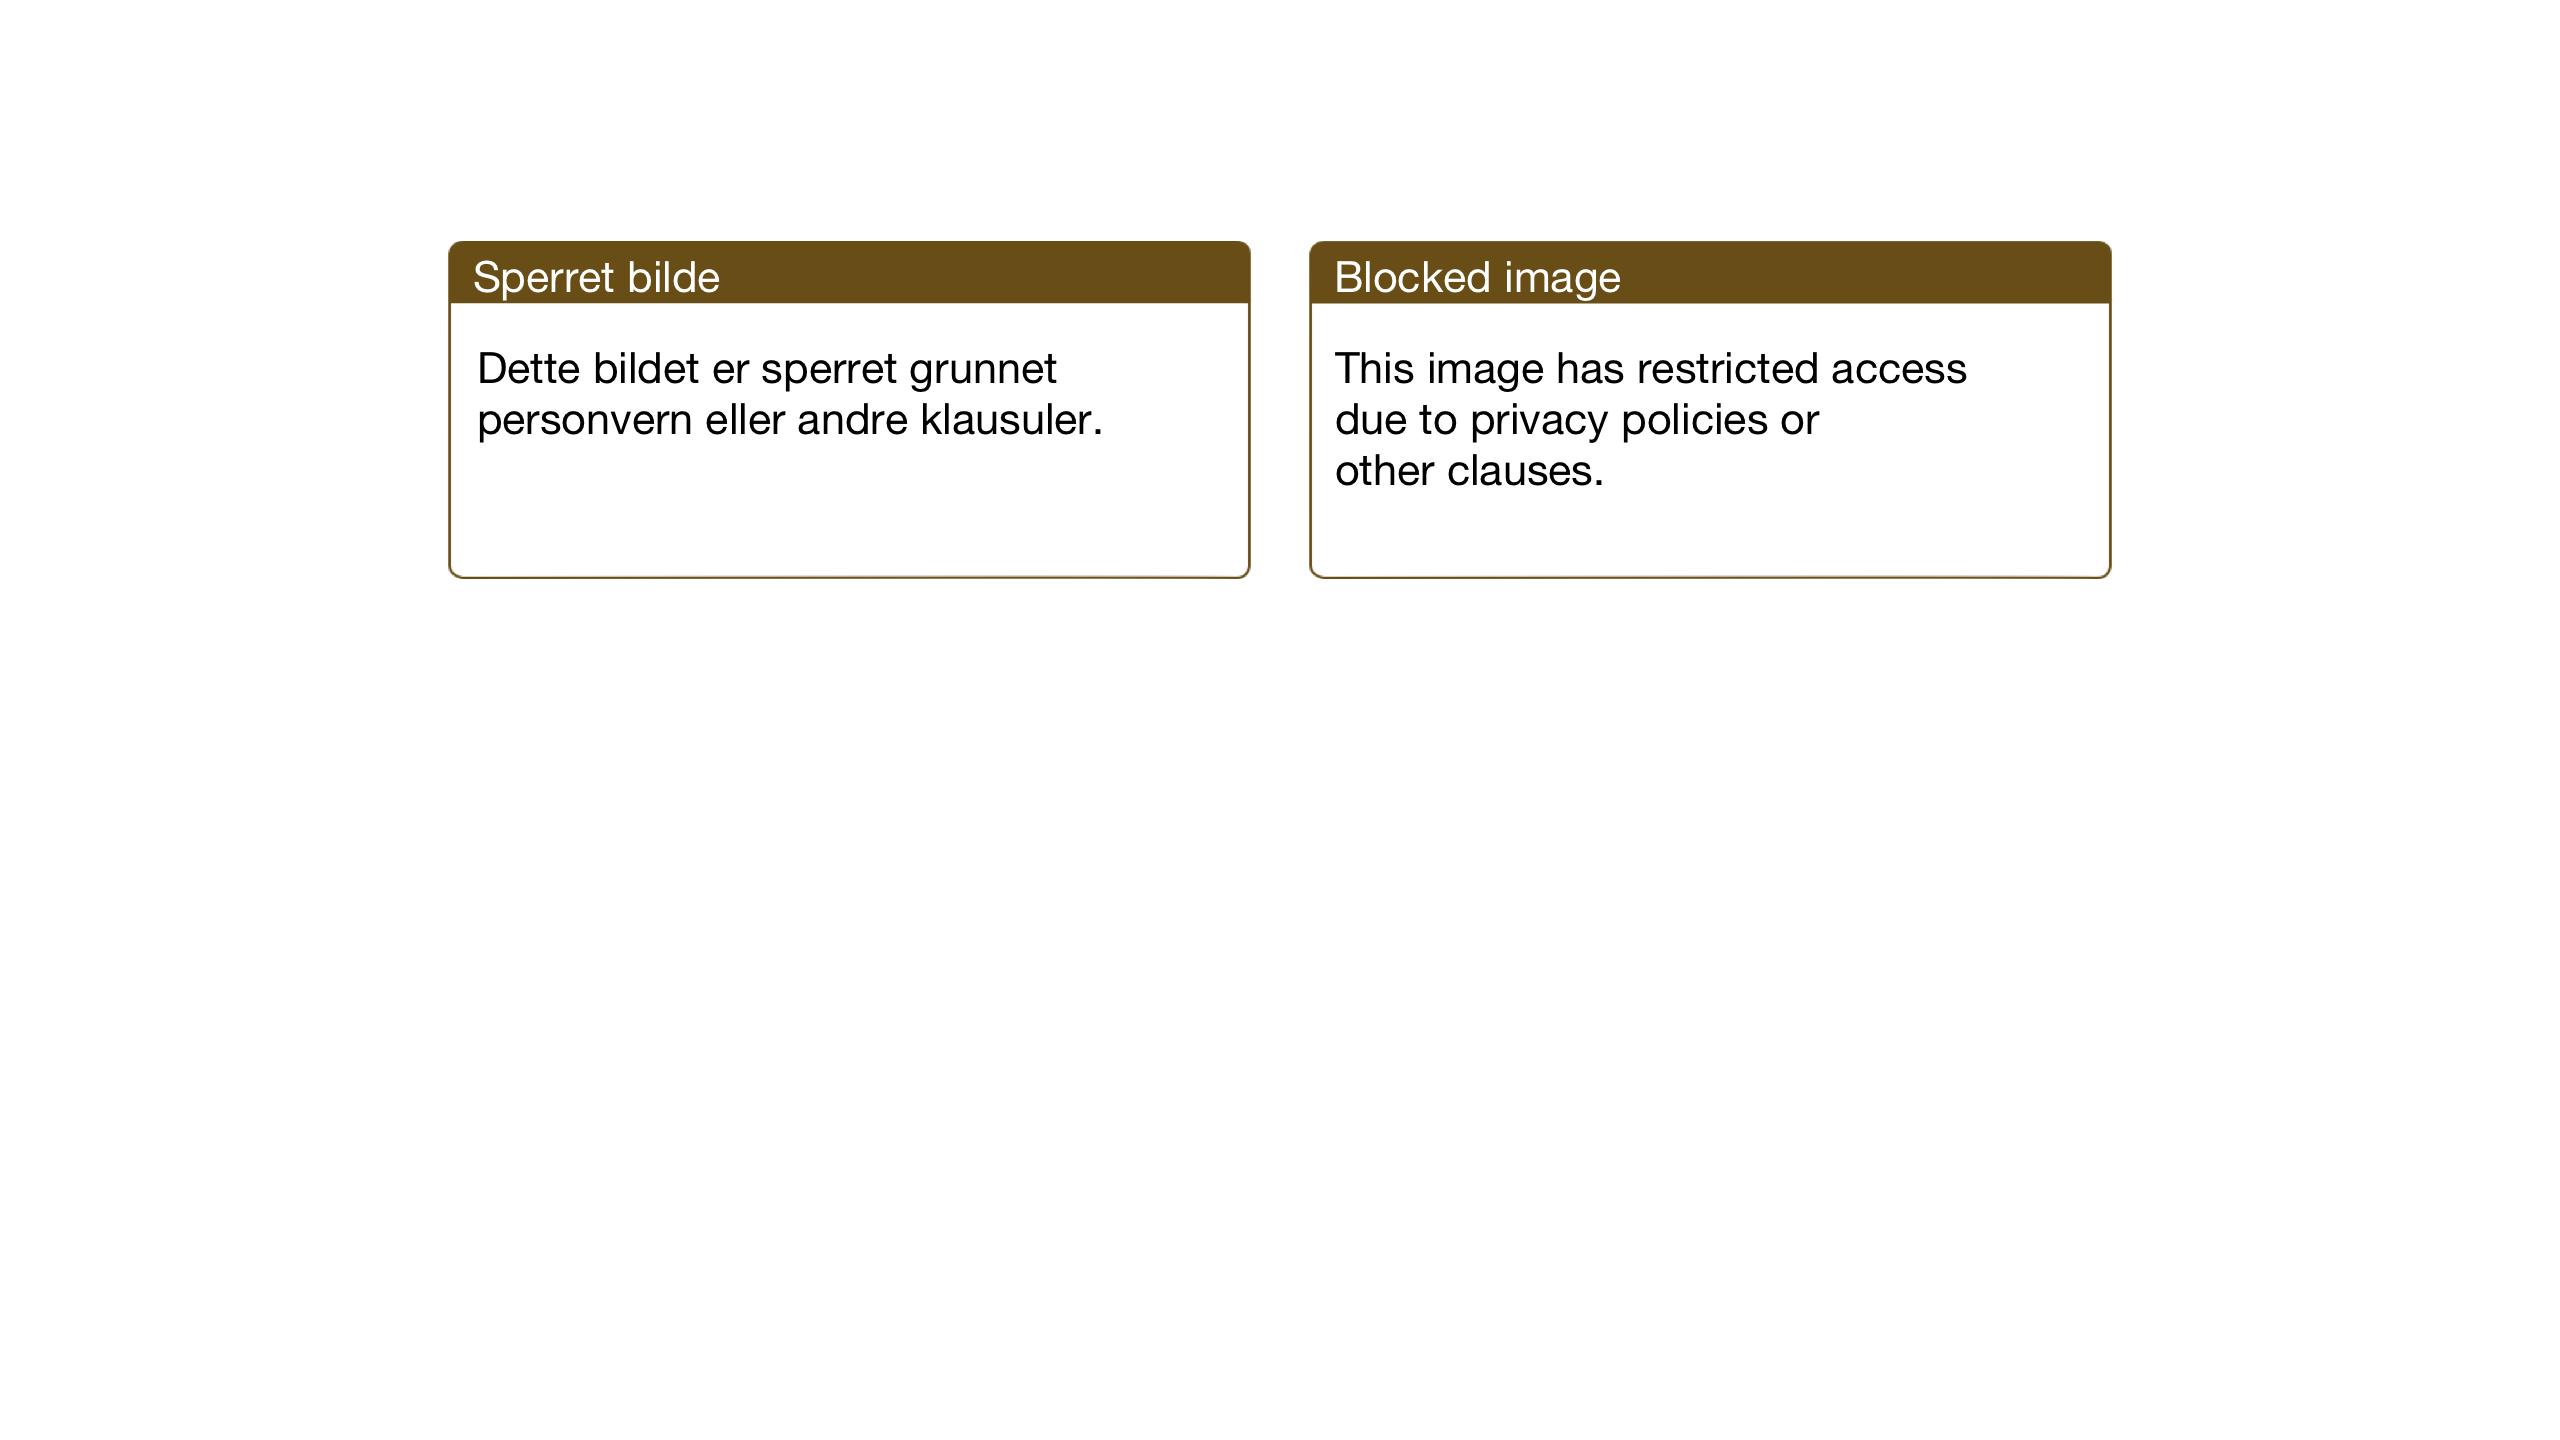 SAT, Ministerialprotokoller, klokkerbøker og fødselsregistre - Sør-Trøndelag, 637/L0564: Klokkerbok nr. 637C05, 1928-1968, s. 121